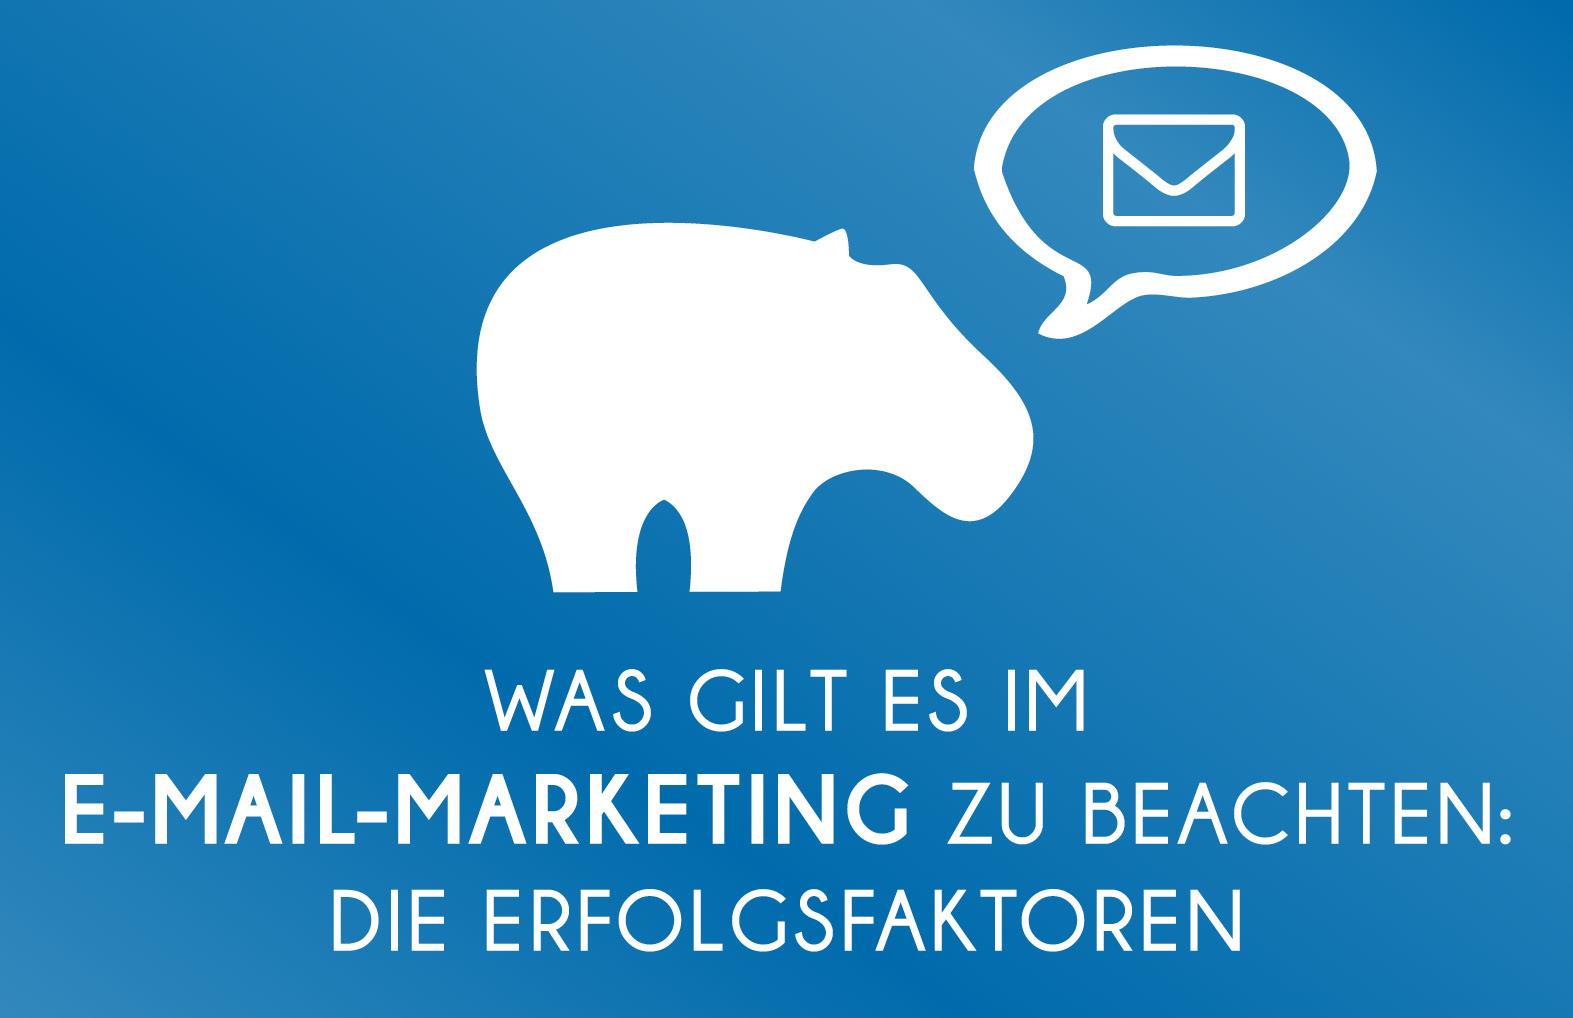 Was gilt es im Mail-Marketing zu beachten - Unsere Erfolgsfaktoren